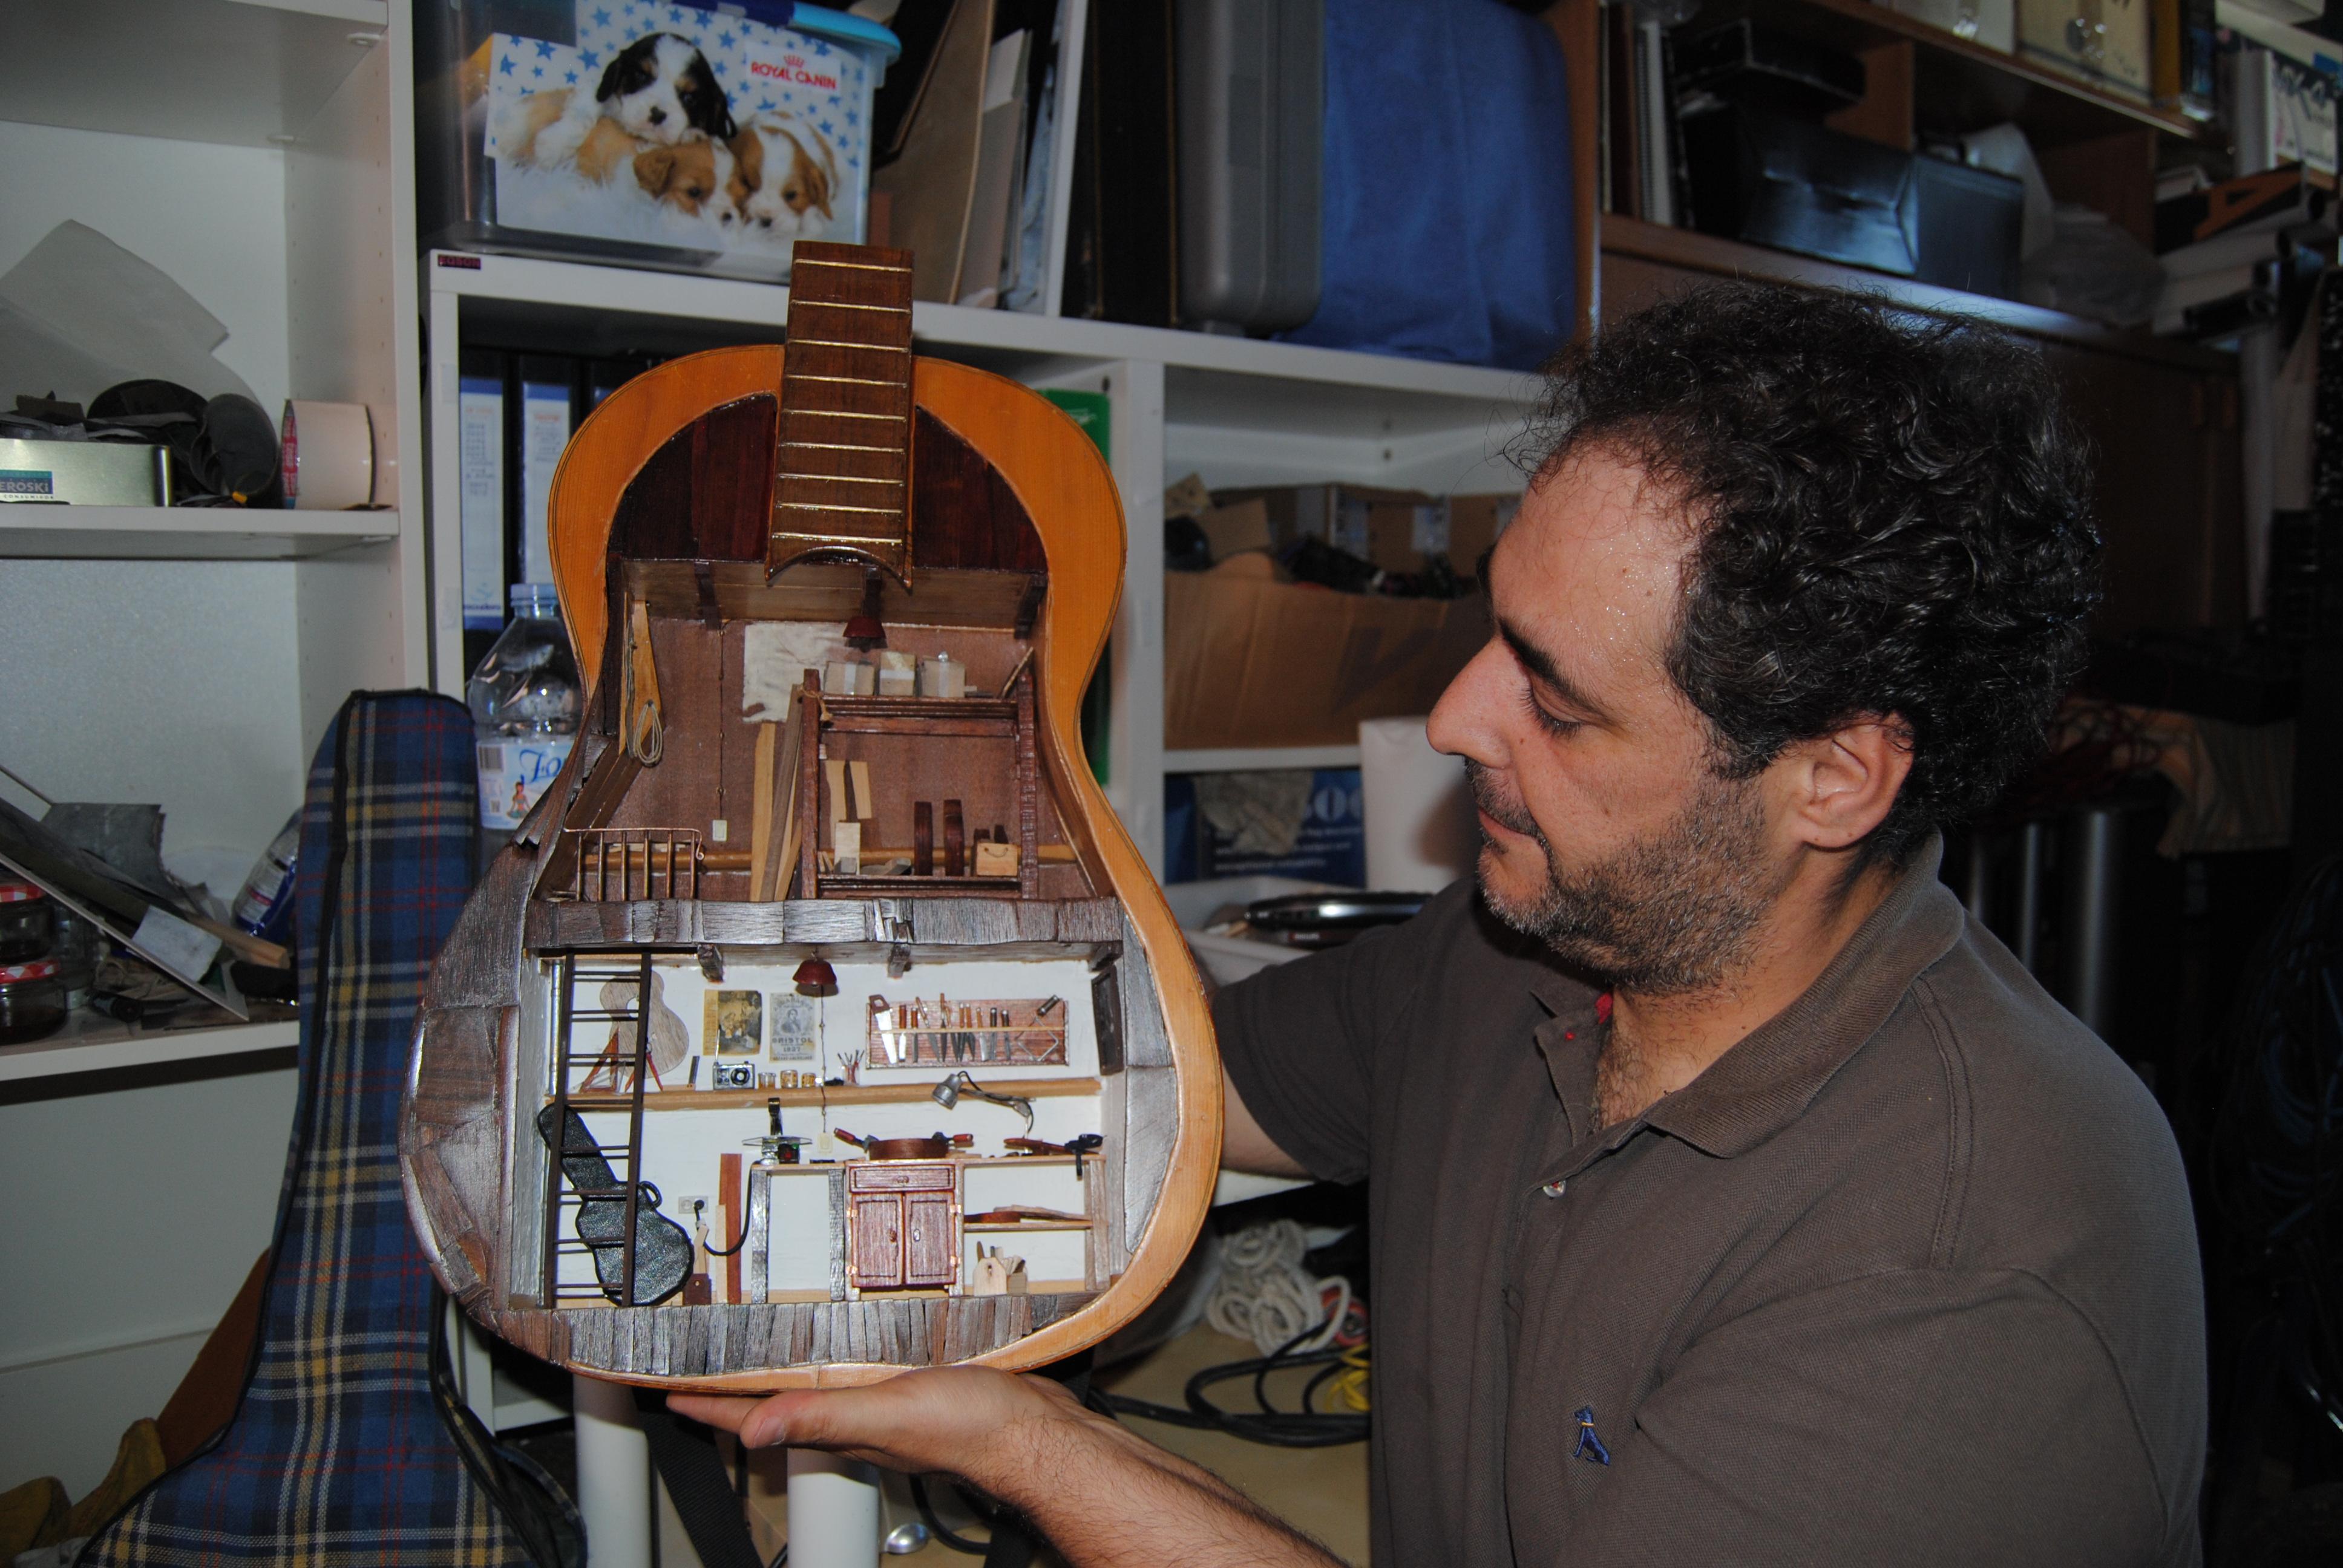 El artista moronense, con su taller de guitarras en miniatura dentro de una guitarra española. Foto: María Montiel